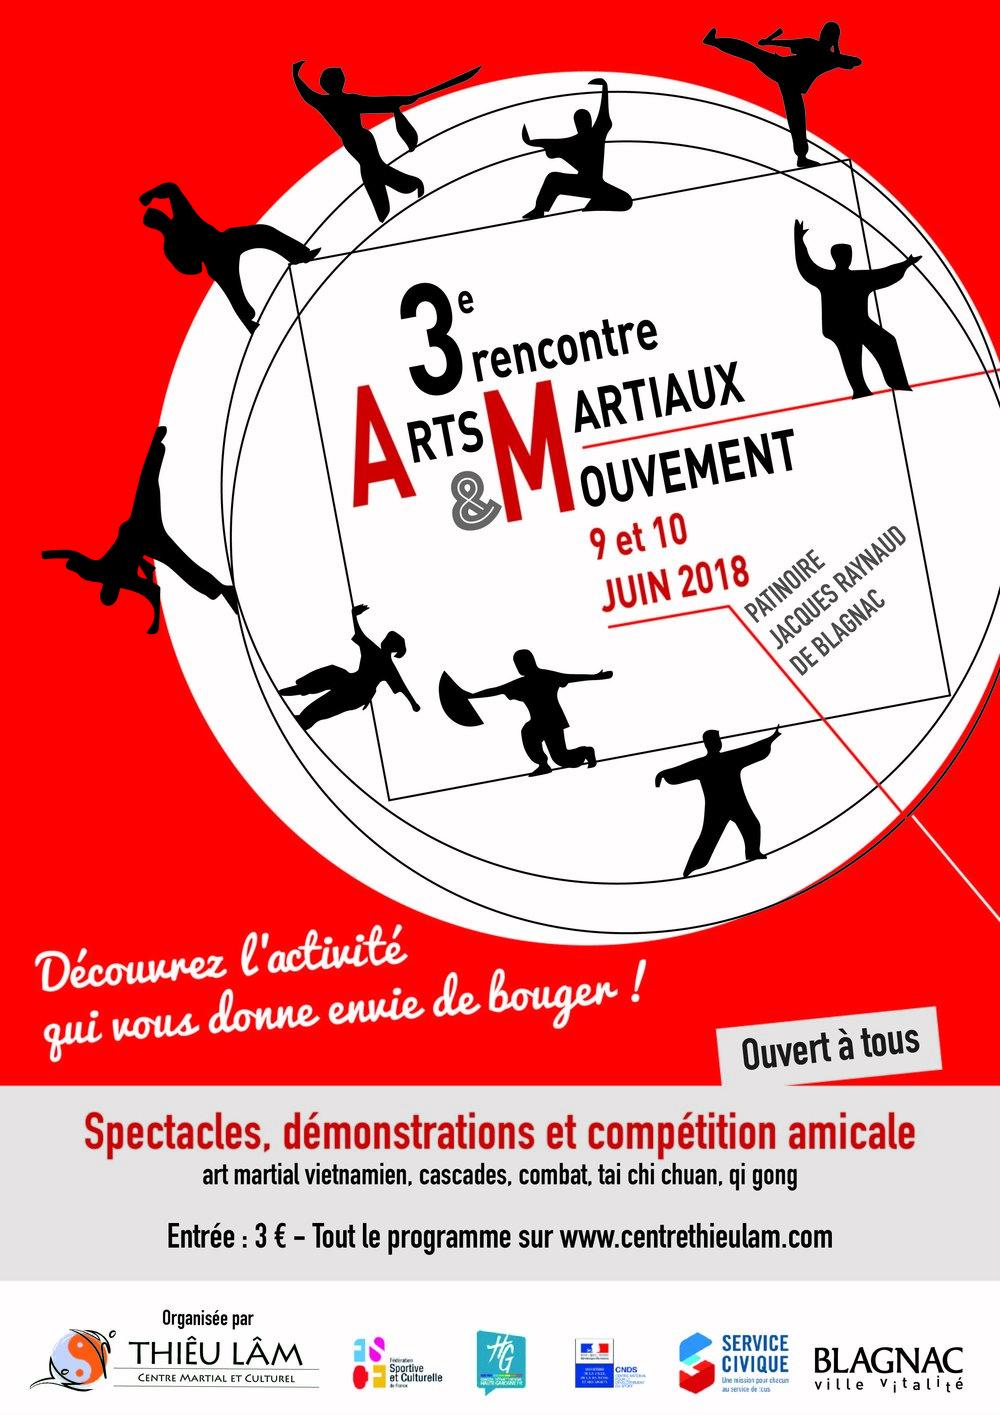 3e Rencontre des Arts Martiaux et du Mouvement à Blagnac.